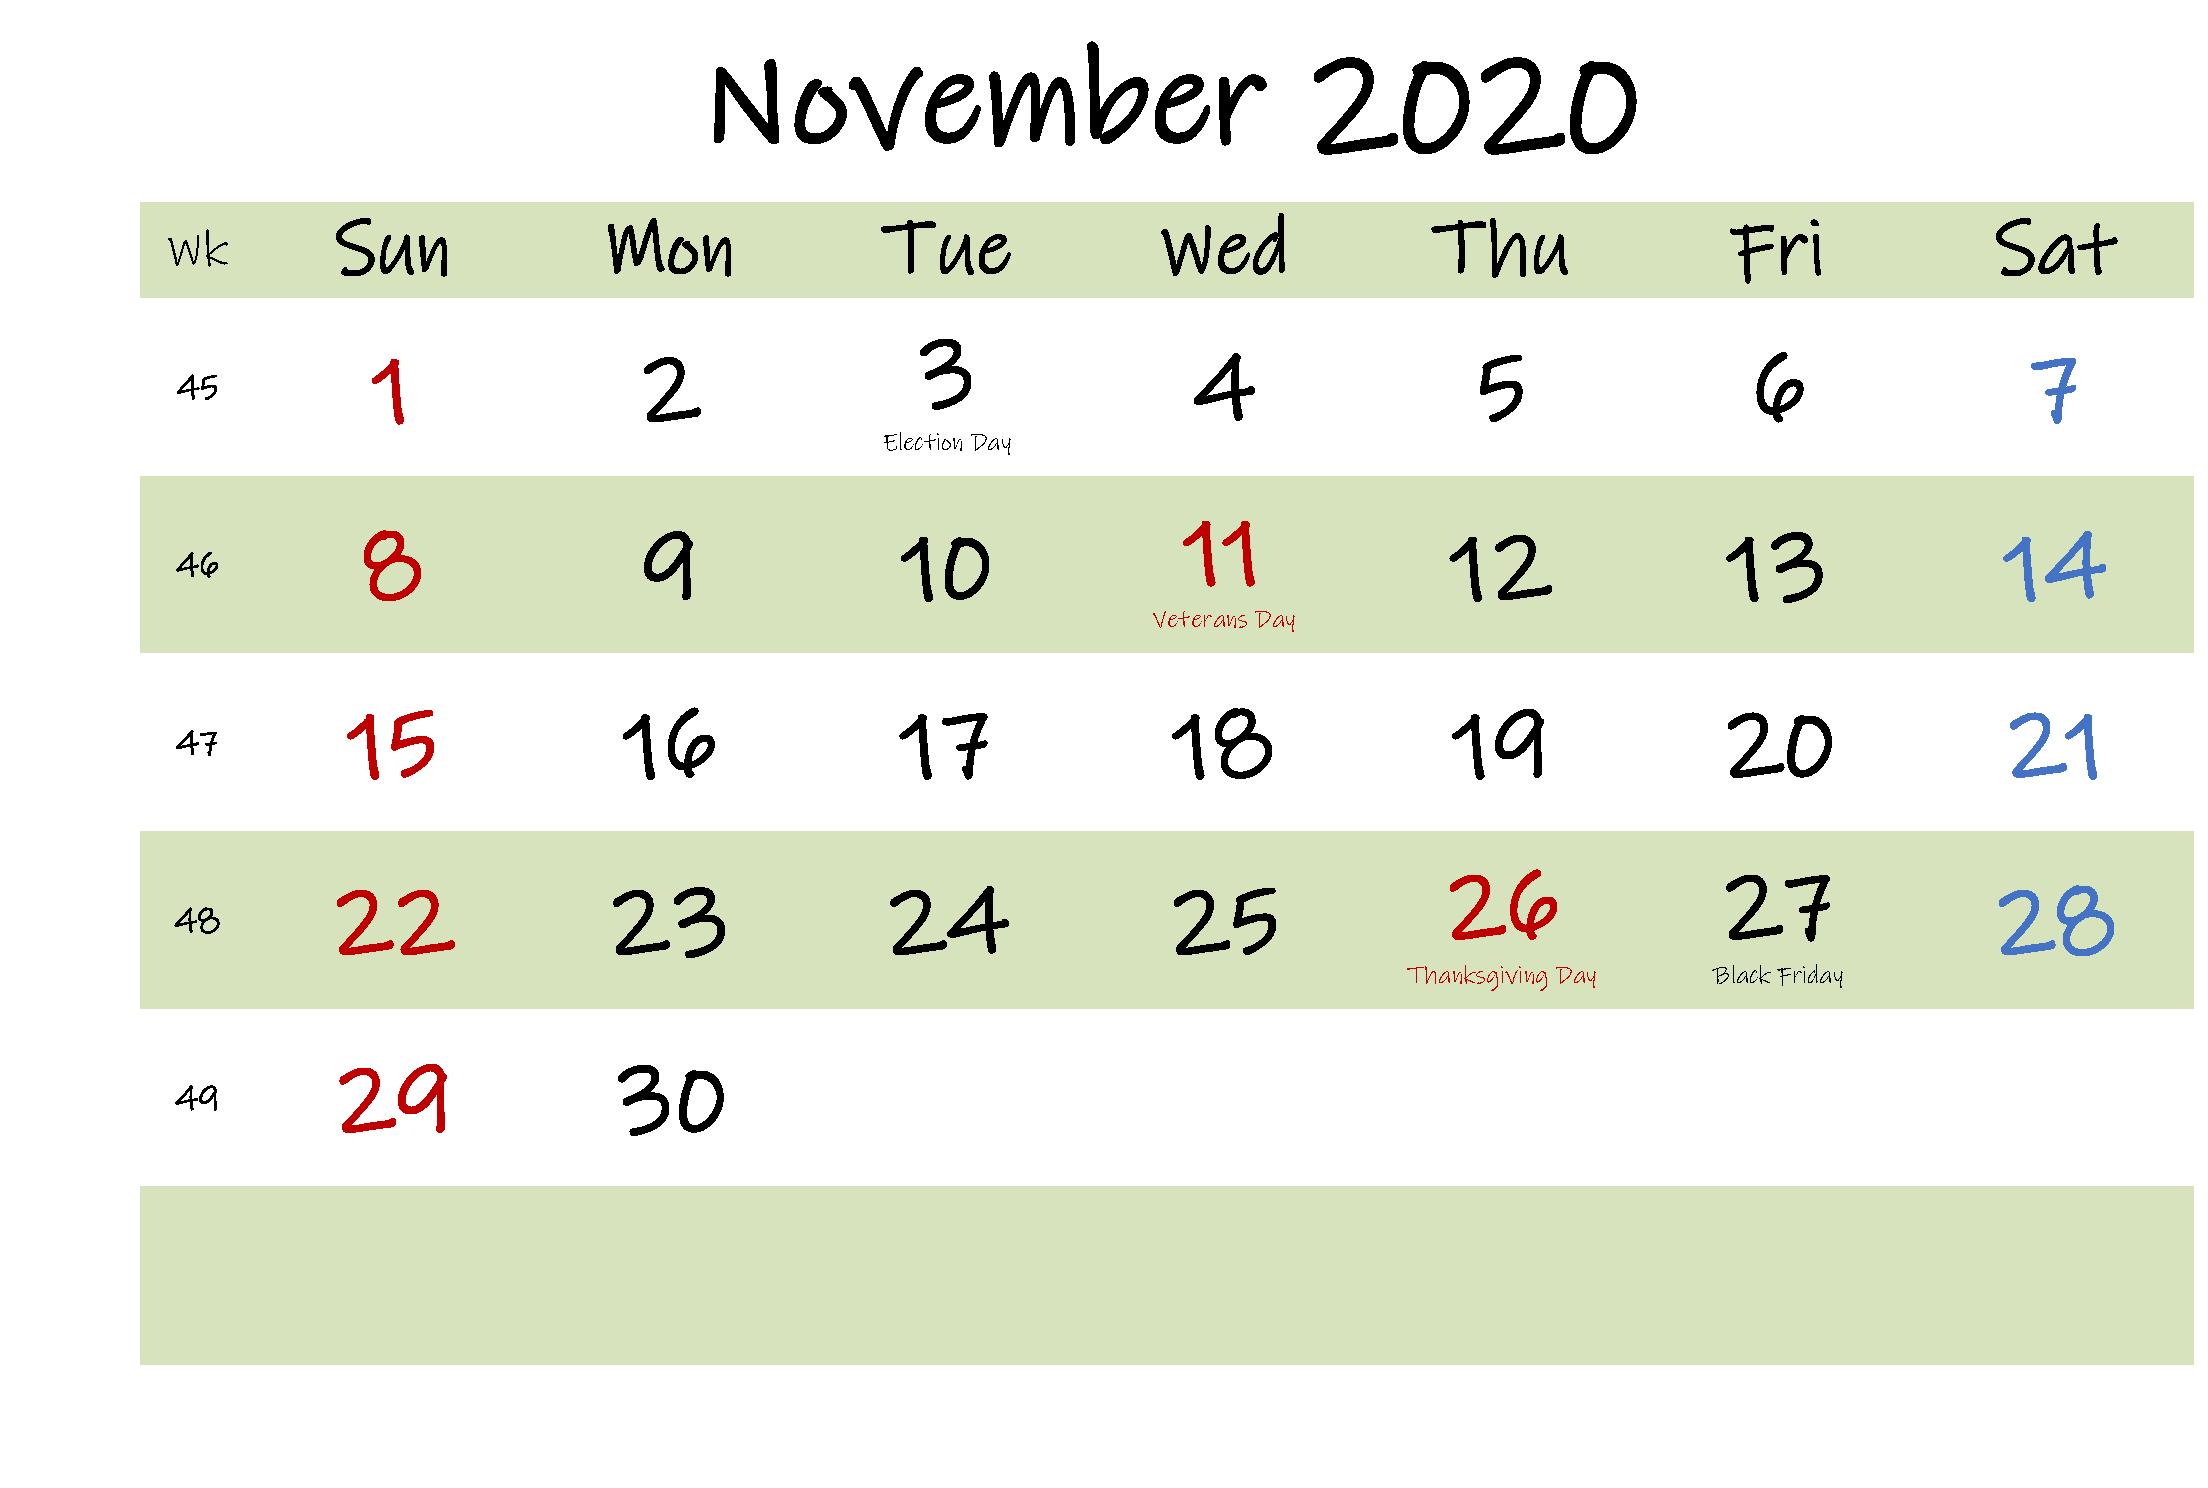 November 2020 Calendar Excel Horizontal In 2020 Calendar Template Excel Calendar Free Printable Calendar Templates